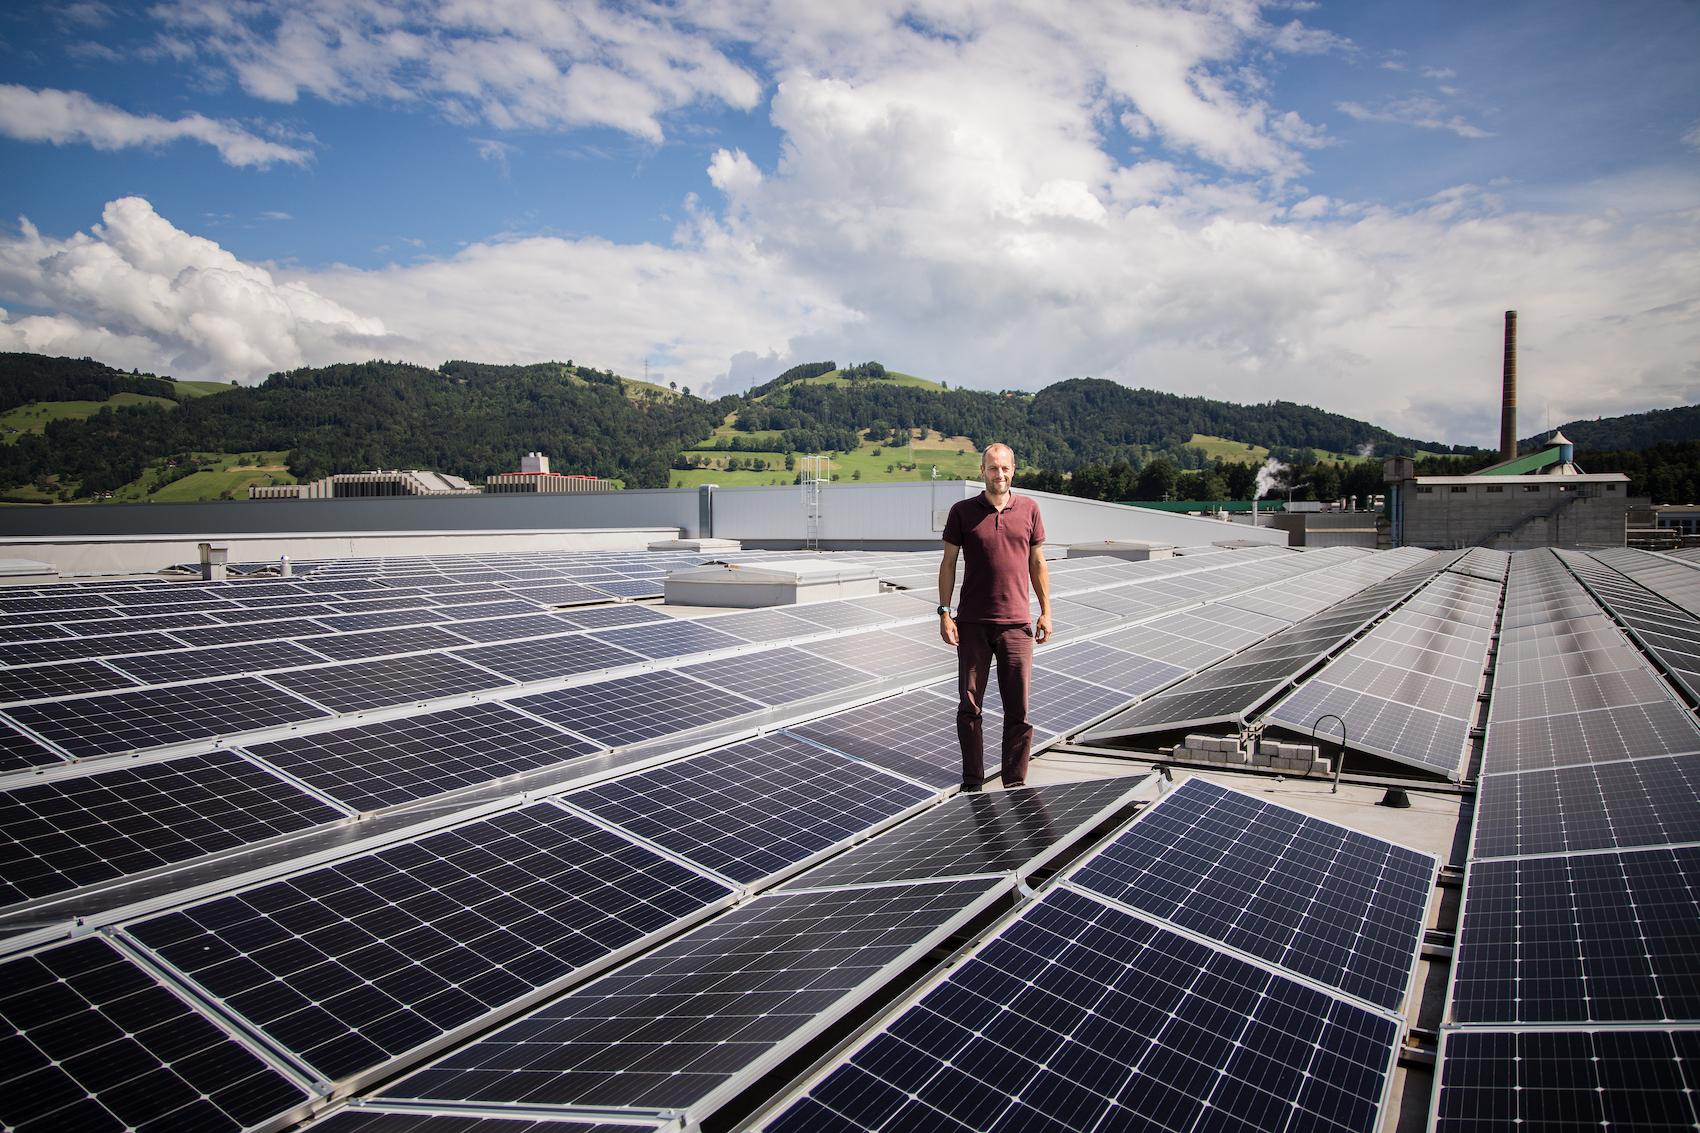 Le chef de projet Martin Rimer sur la toiture de 4,5 hectares.